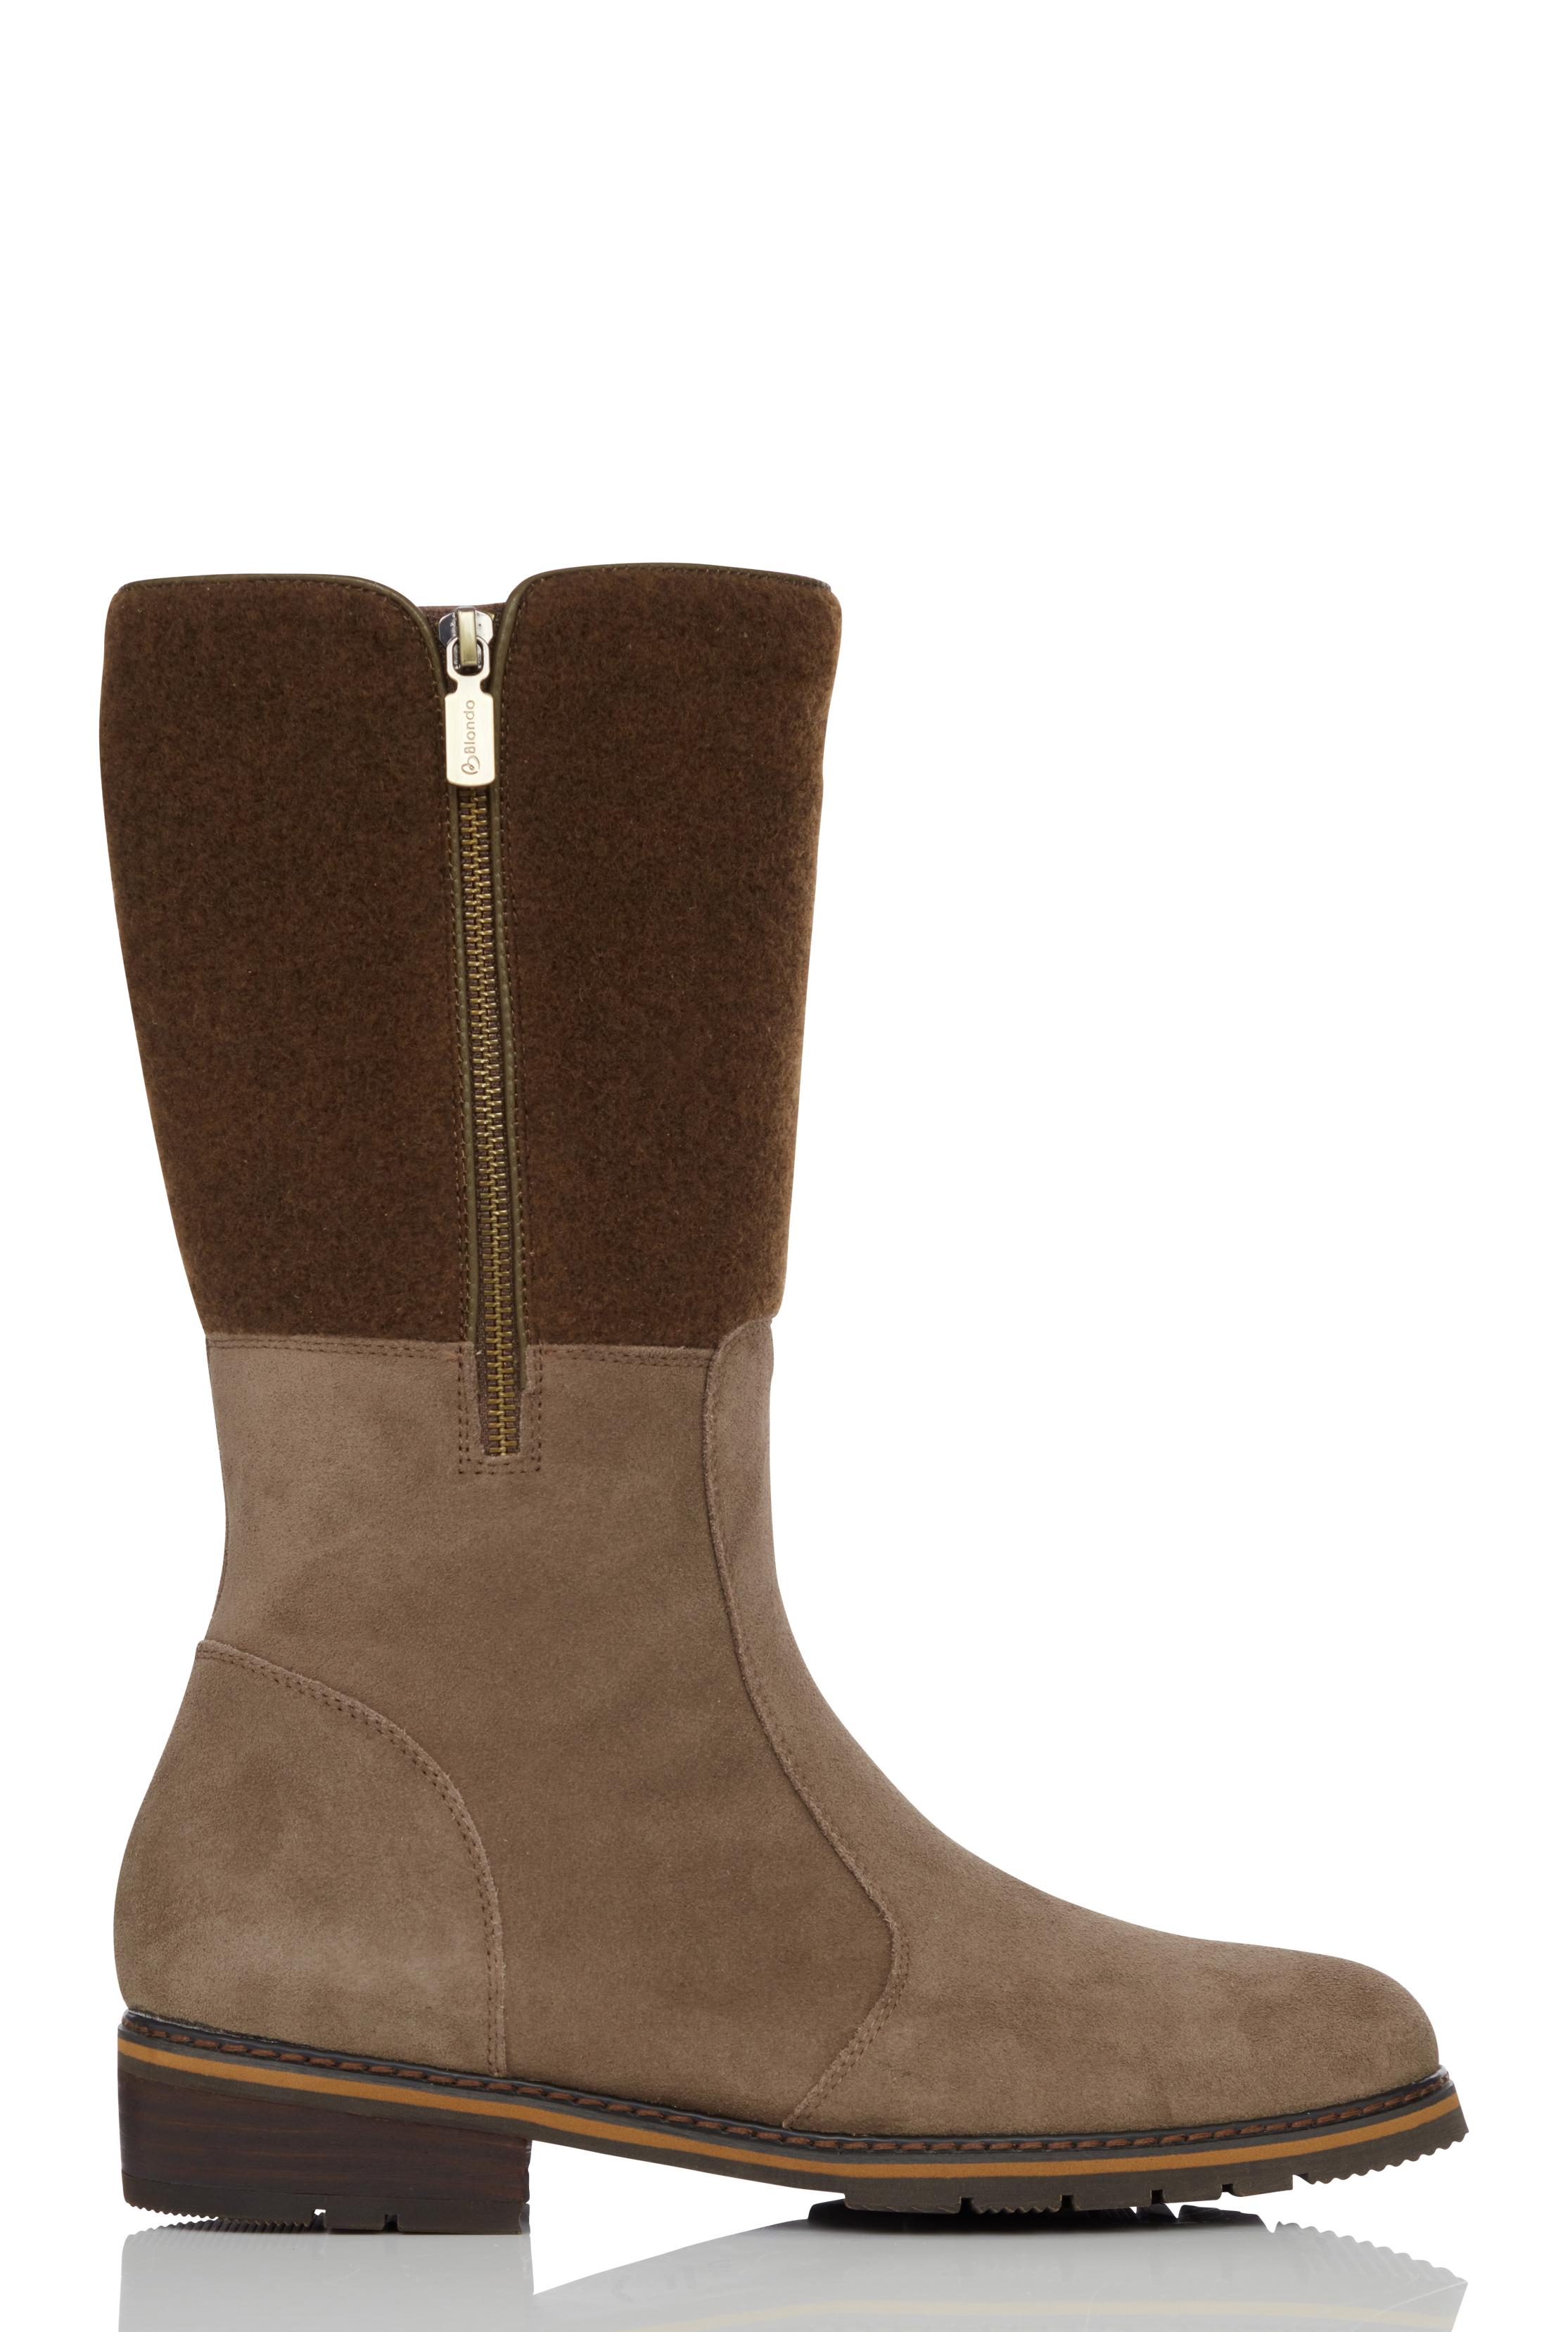 BLONDO Brown Suede Zip Winter Boot